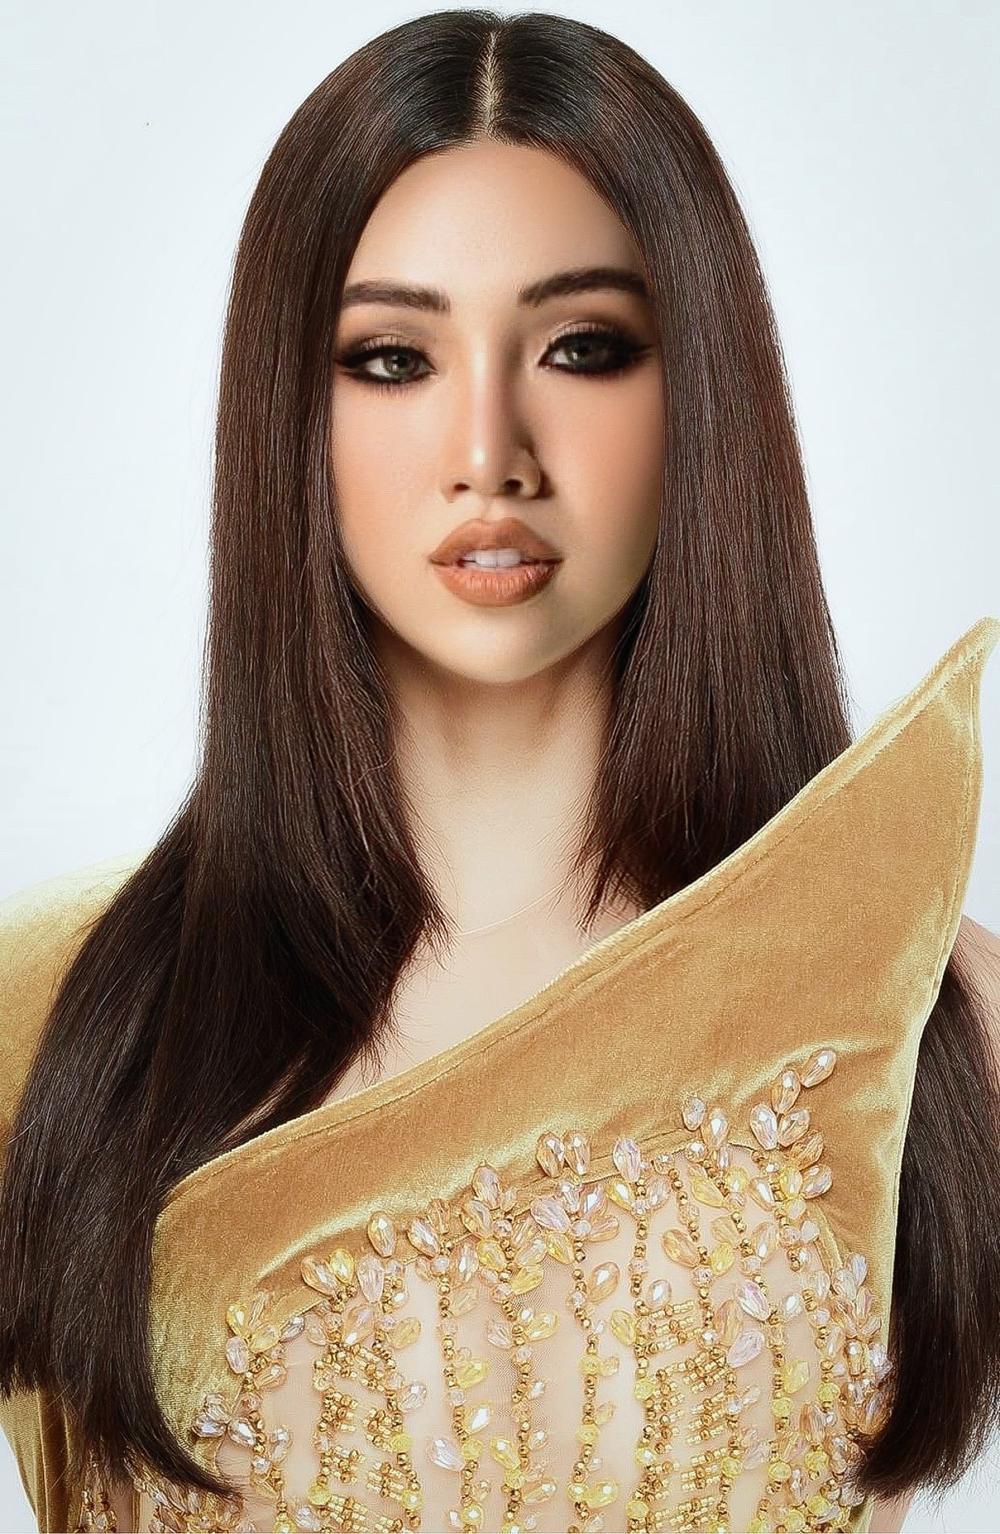 Miss Universe Vietnam thay đổi luật ở phút 89 bất lợi cho người chuyển giới: Đỗ Nhật Hà phân bua đầy ẩn ý Ảnh 5